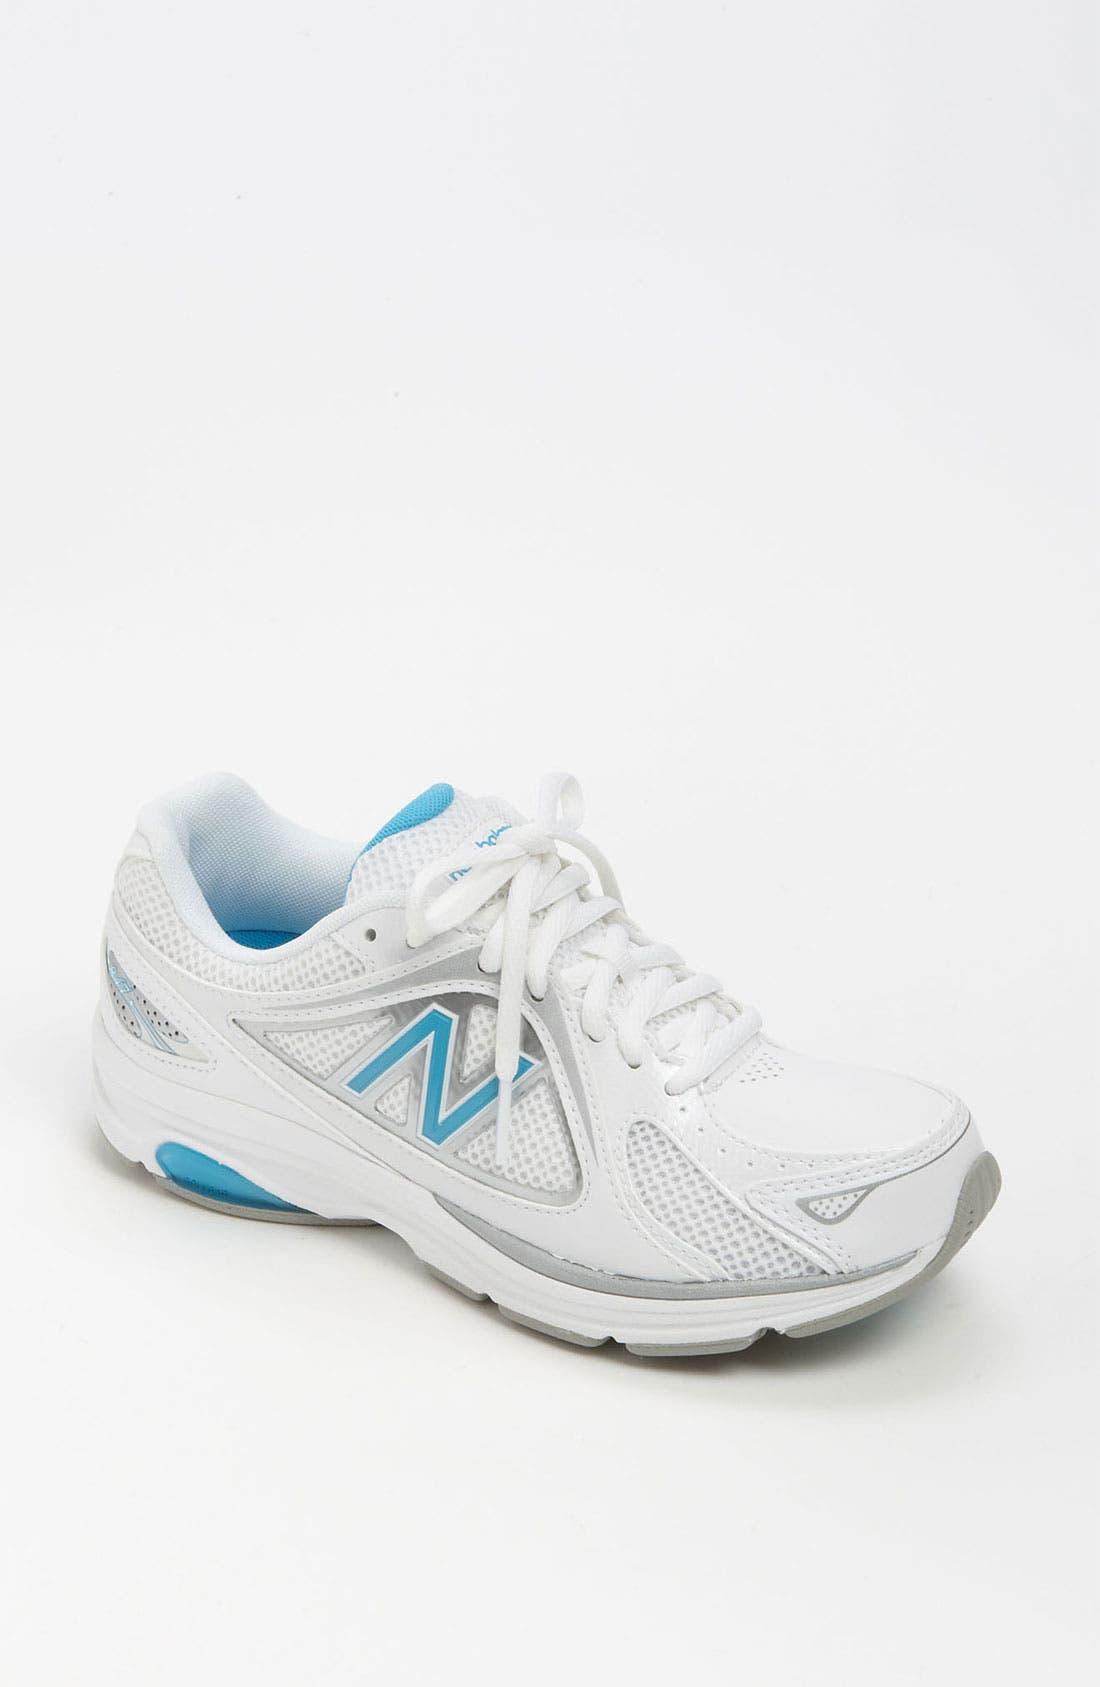 Main Image - New Balance '847' Walking Shoe (Women)